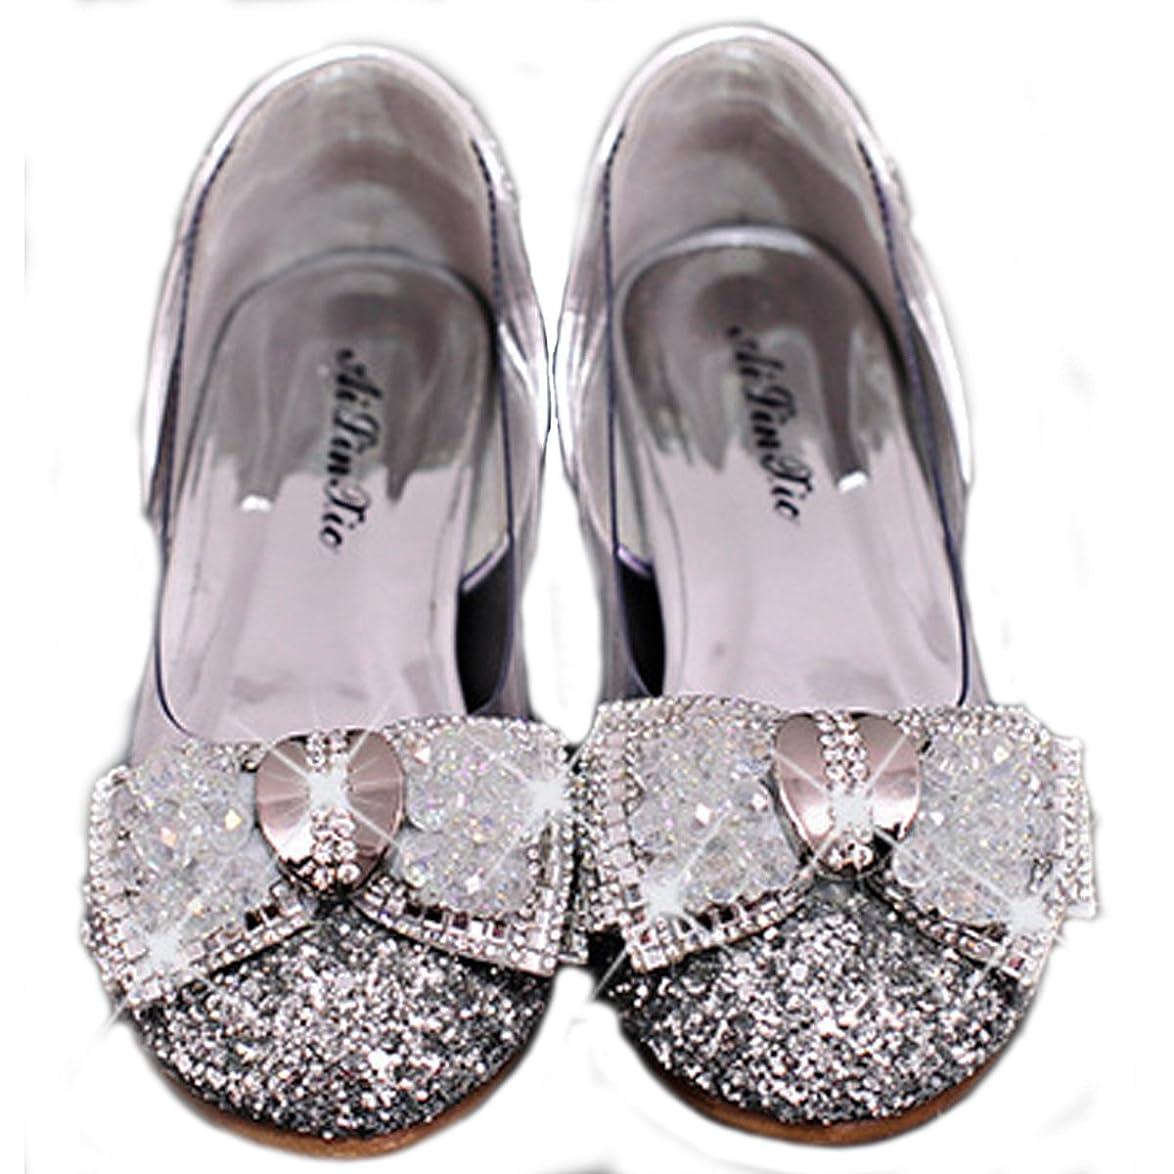 準備したケント世界記録のギネスブック[フォーペンド] S103 発表会 靴 フォーマルシューズ 女の子 ドレス シンデレラクリスタルシューズ プリンセス お嬢様 靴